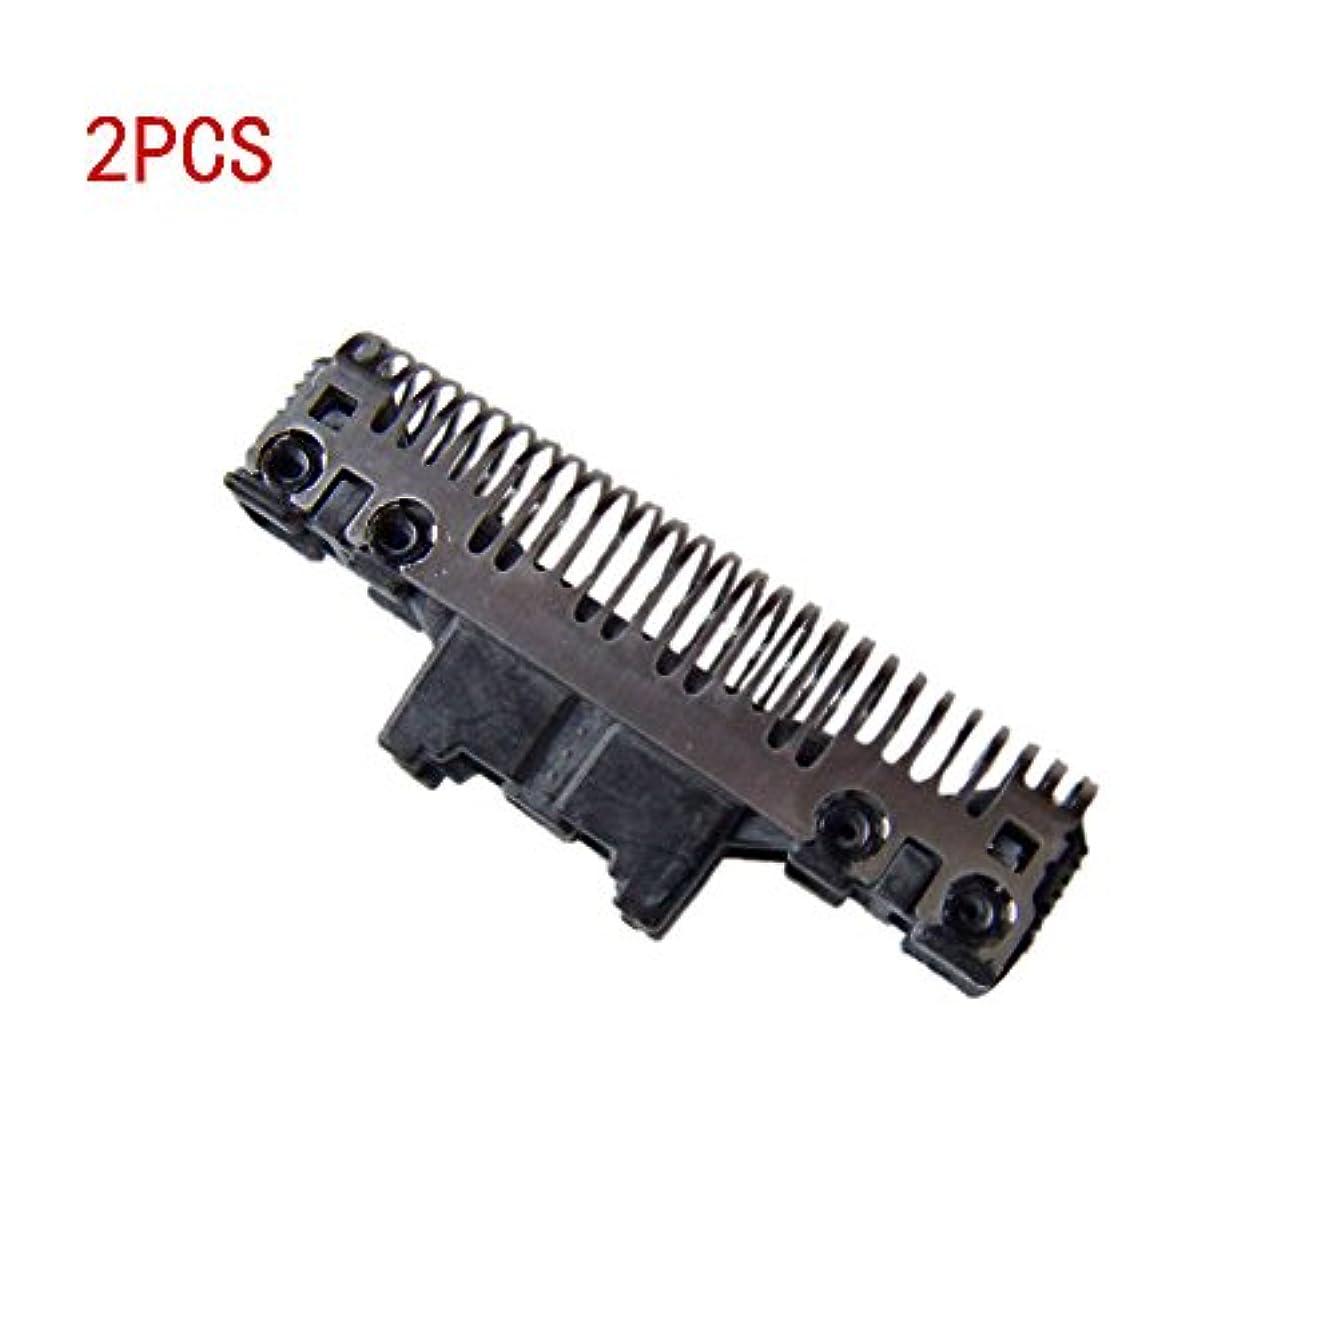 適度に増幅器悲惨Janjunsi 回転式シェーバー シェーバーパーツ シェーバー 交換用 替刃 内刃 耐用 for Panasonic ES9072/7021/7022/7023/7026/7027/7006/7007